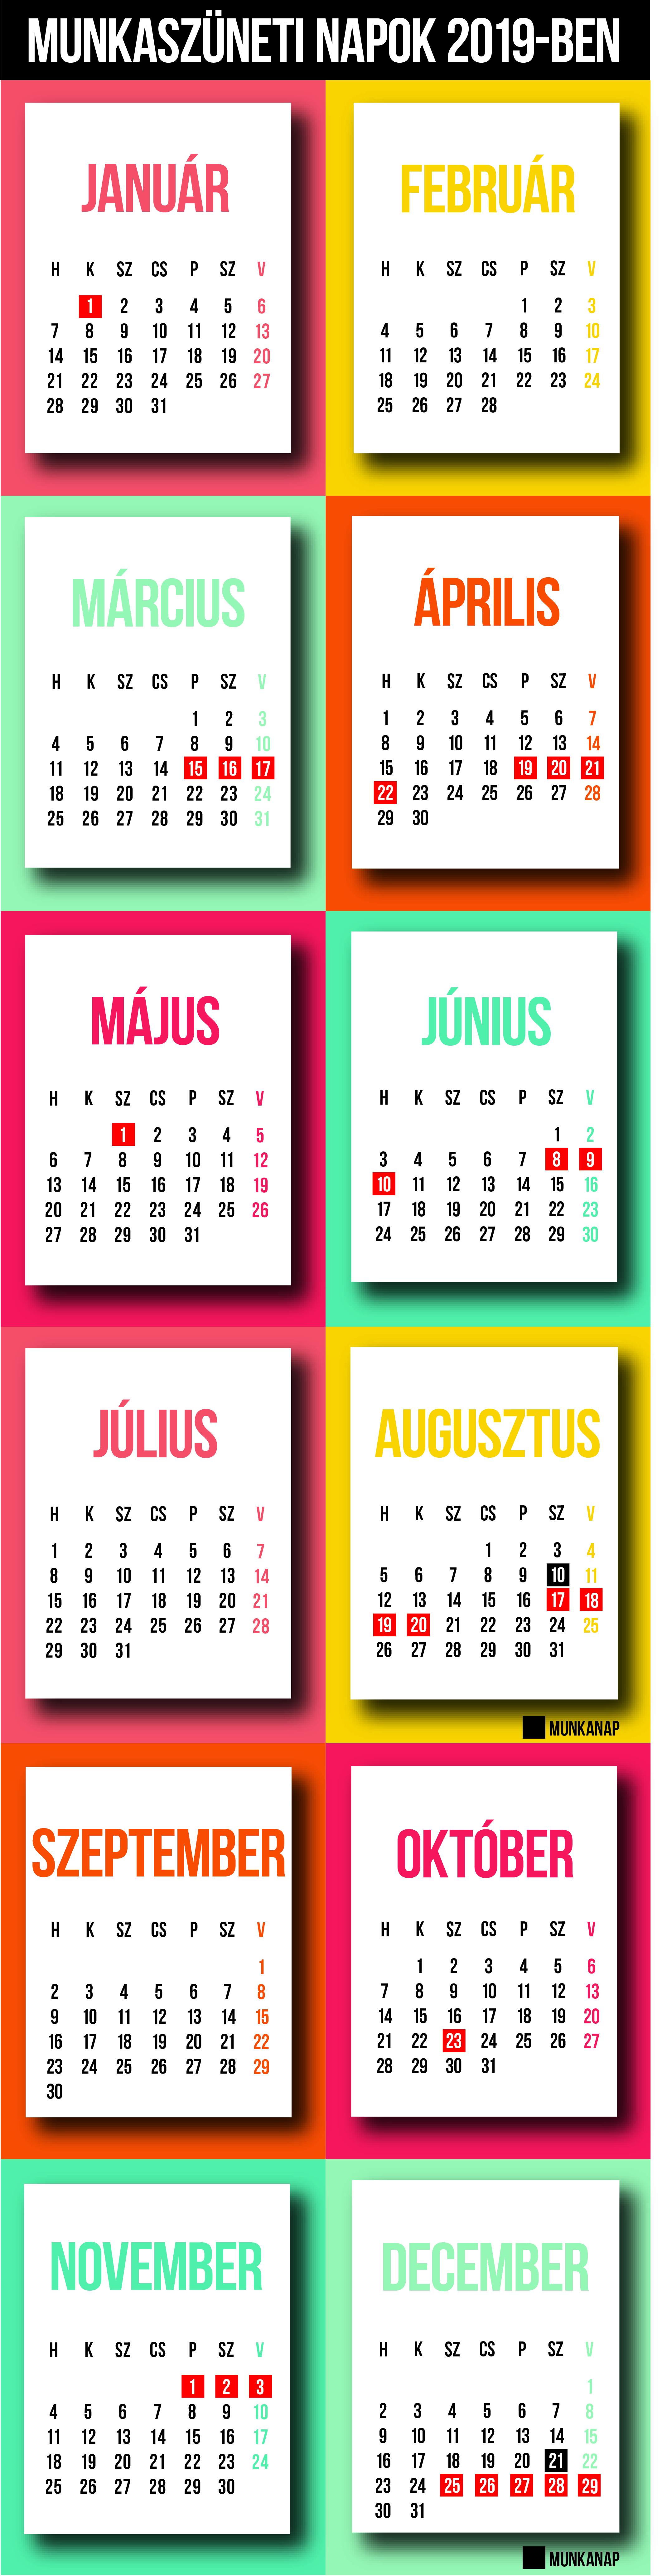 2019es naptár Jó hír a karácsony kapcsán! Ezek a munkaszüneti napok, hosszú  2019es naptár